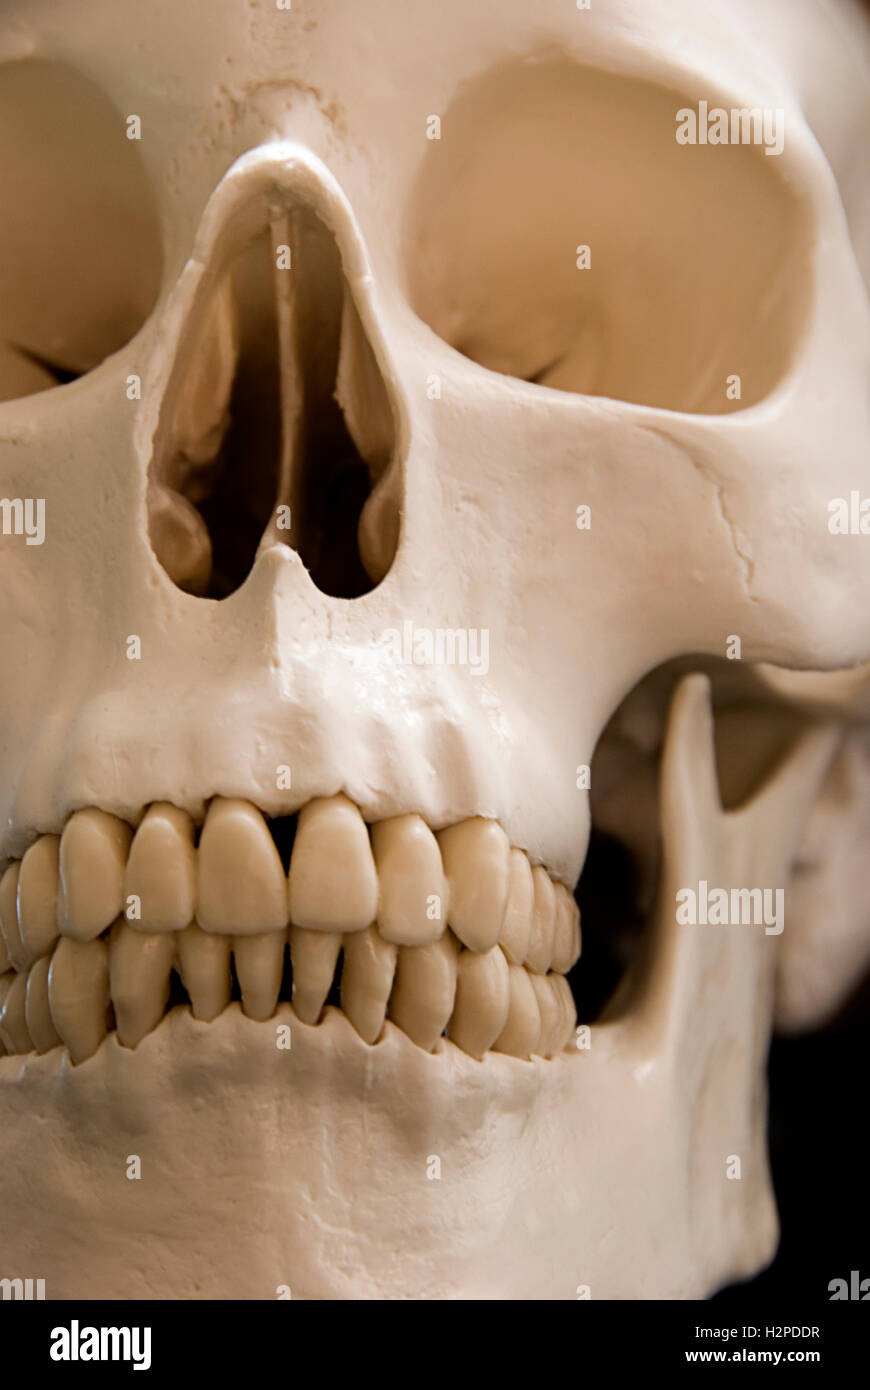 Cranio umano closeup Immagini Stock